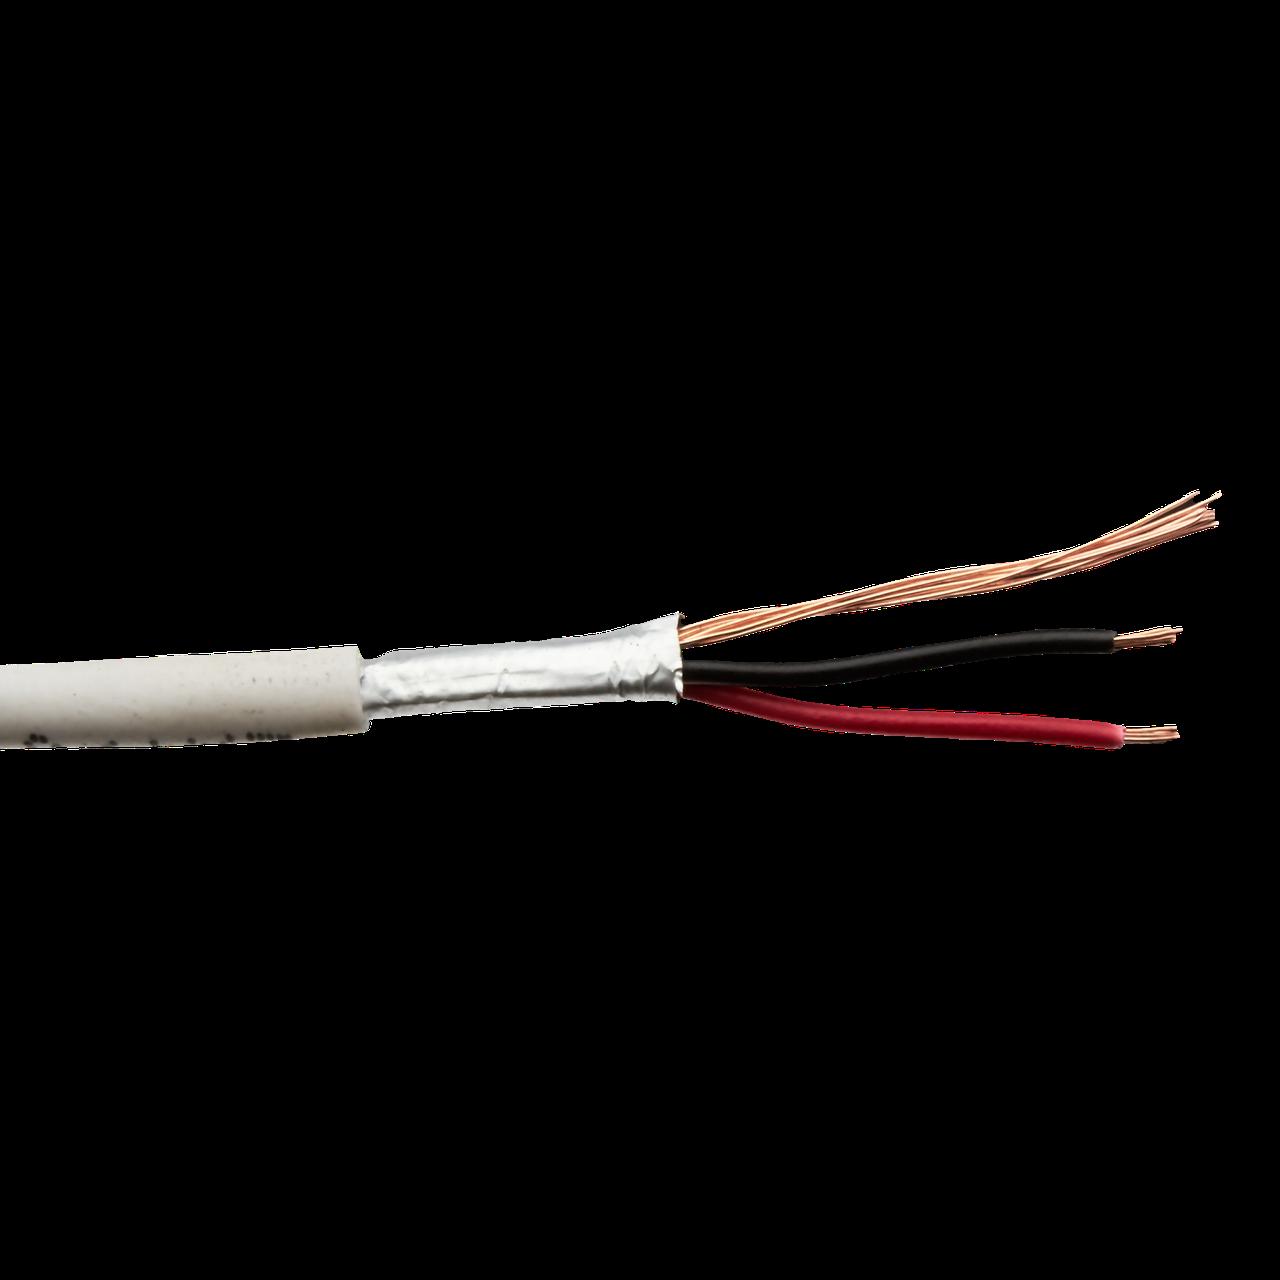 Сигнальный кабель Logicpower КСВПЭ CU 2x7/0.22 + 7/0.22 экранированный бухта 100м